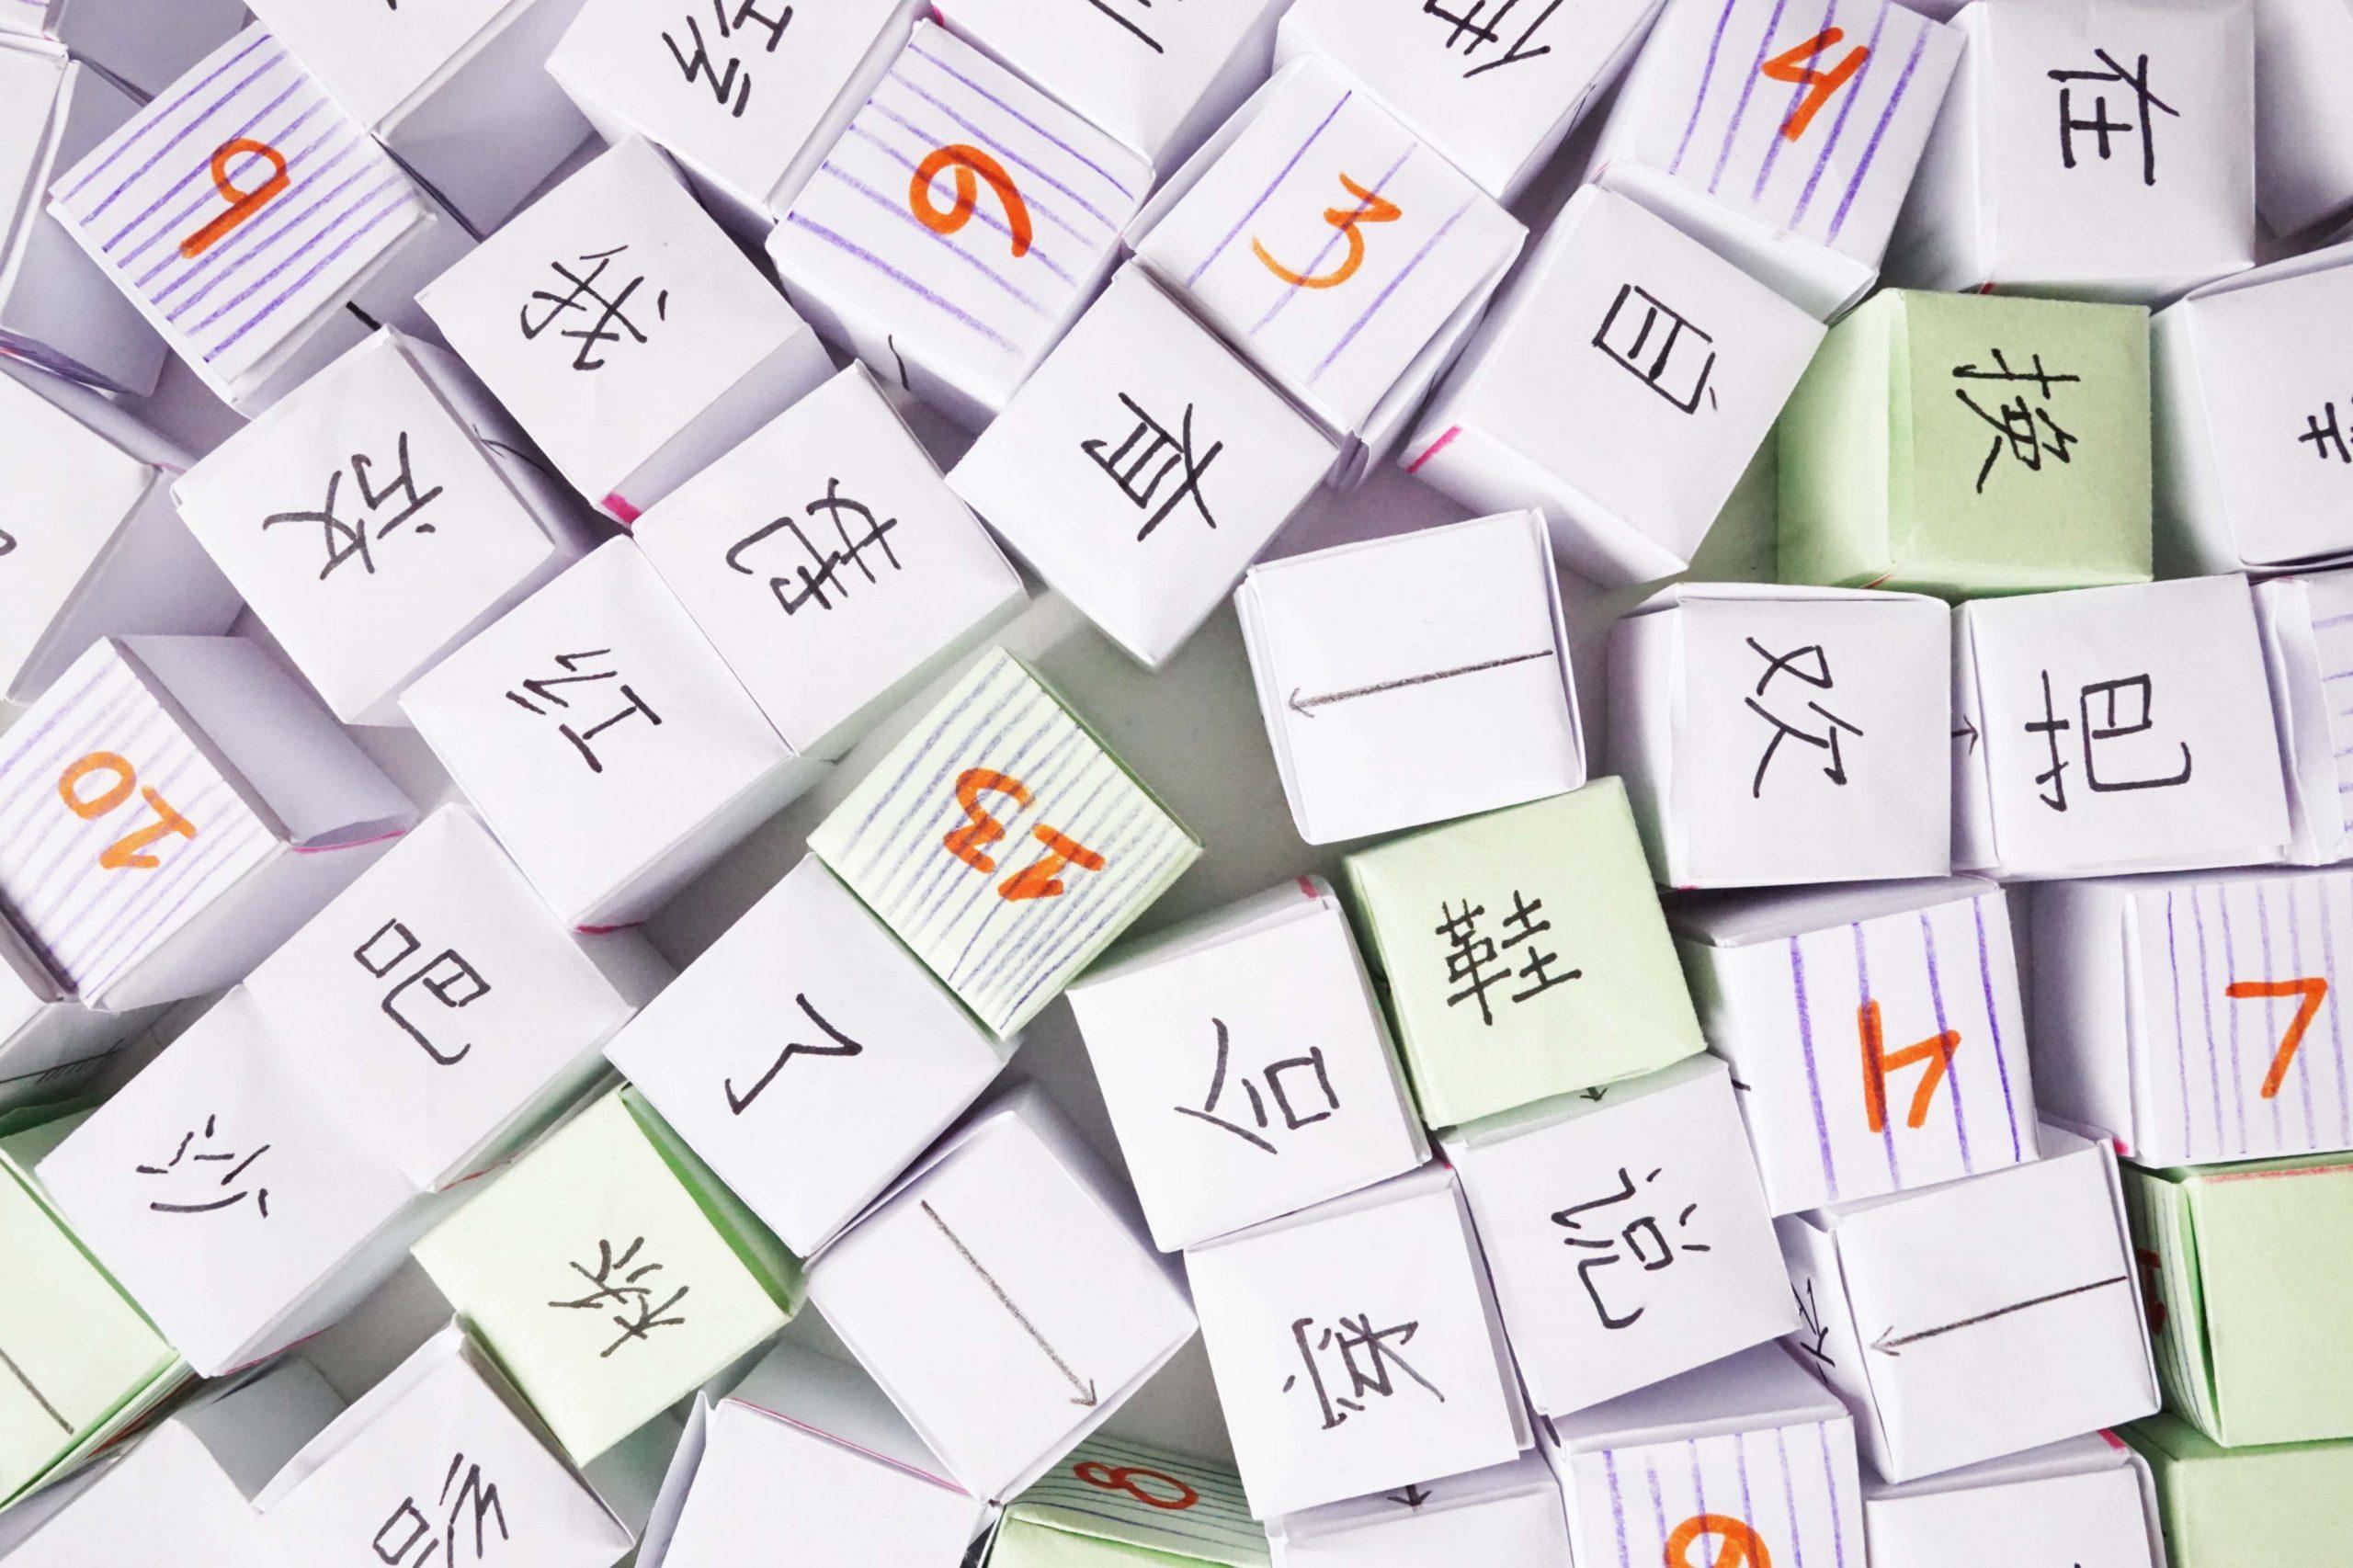 Bahasa Tersulit Untuk Dipelajari Oleh Penutur Bahasa Inggris